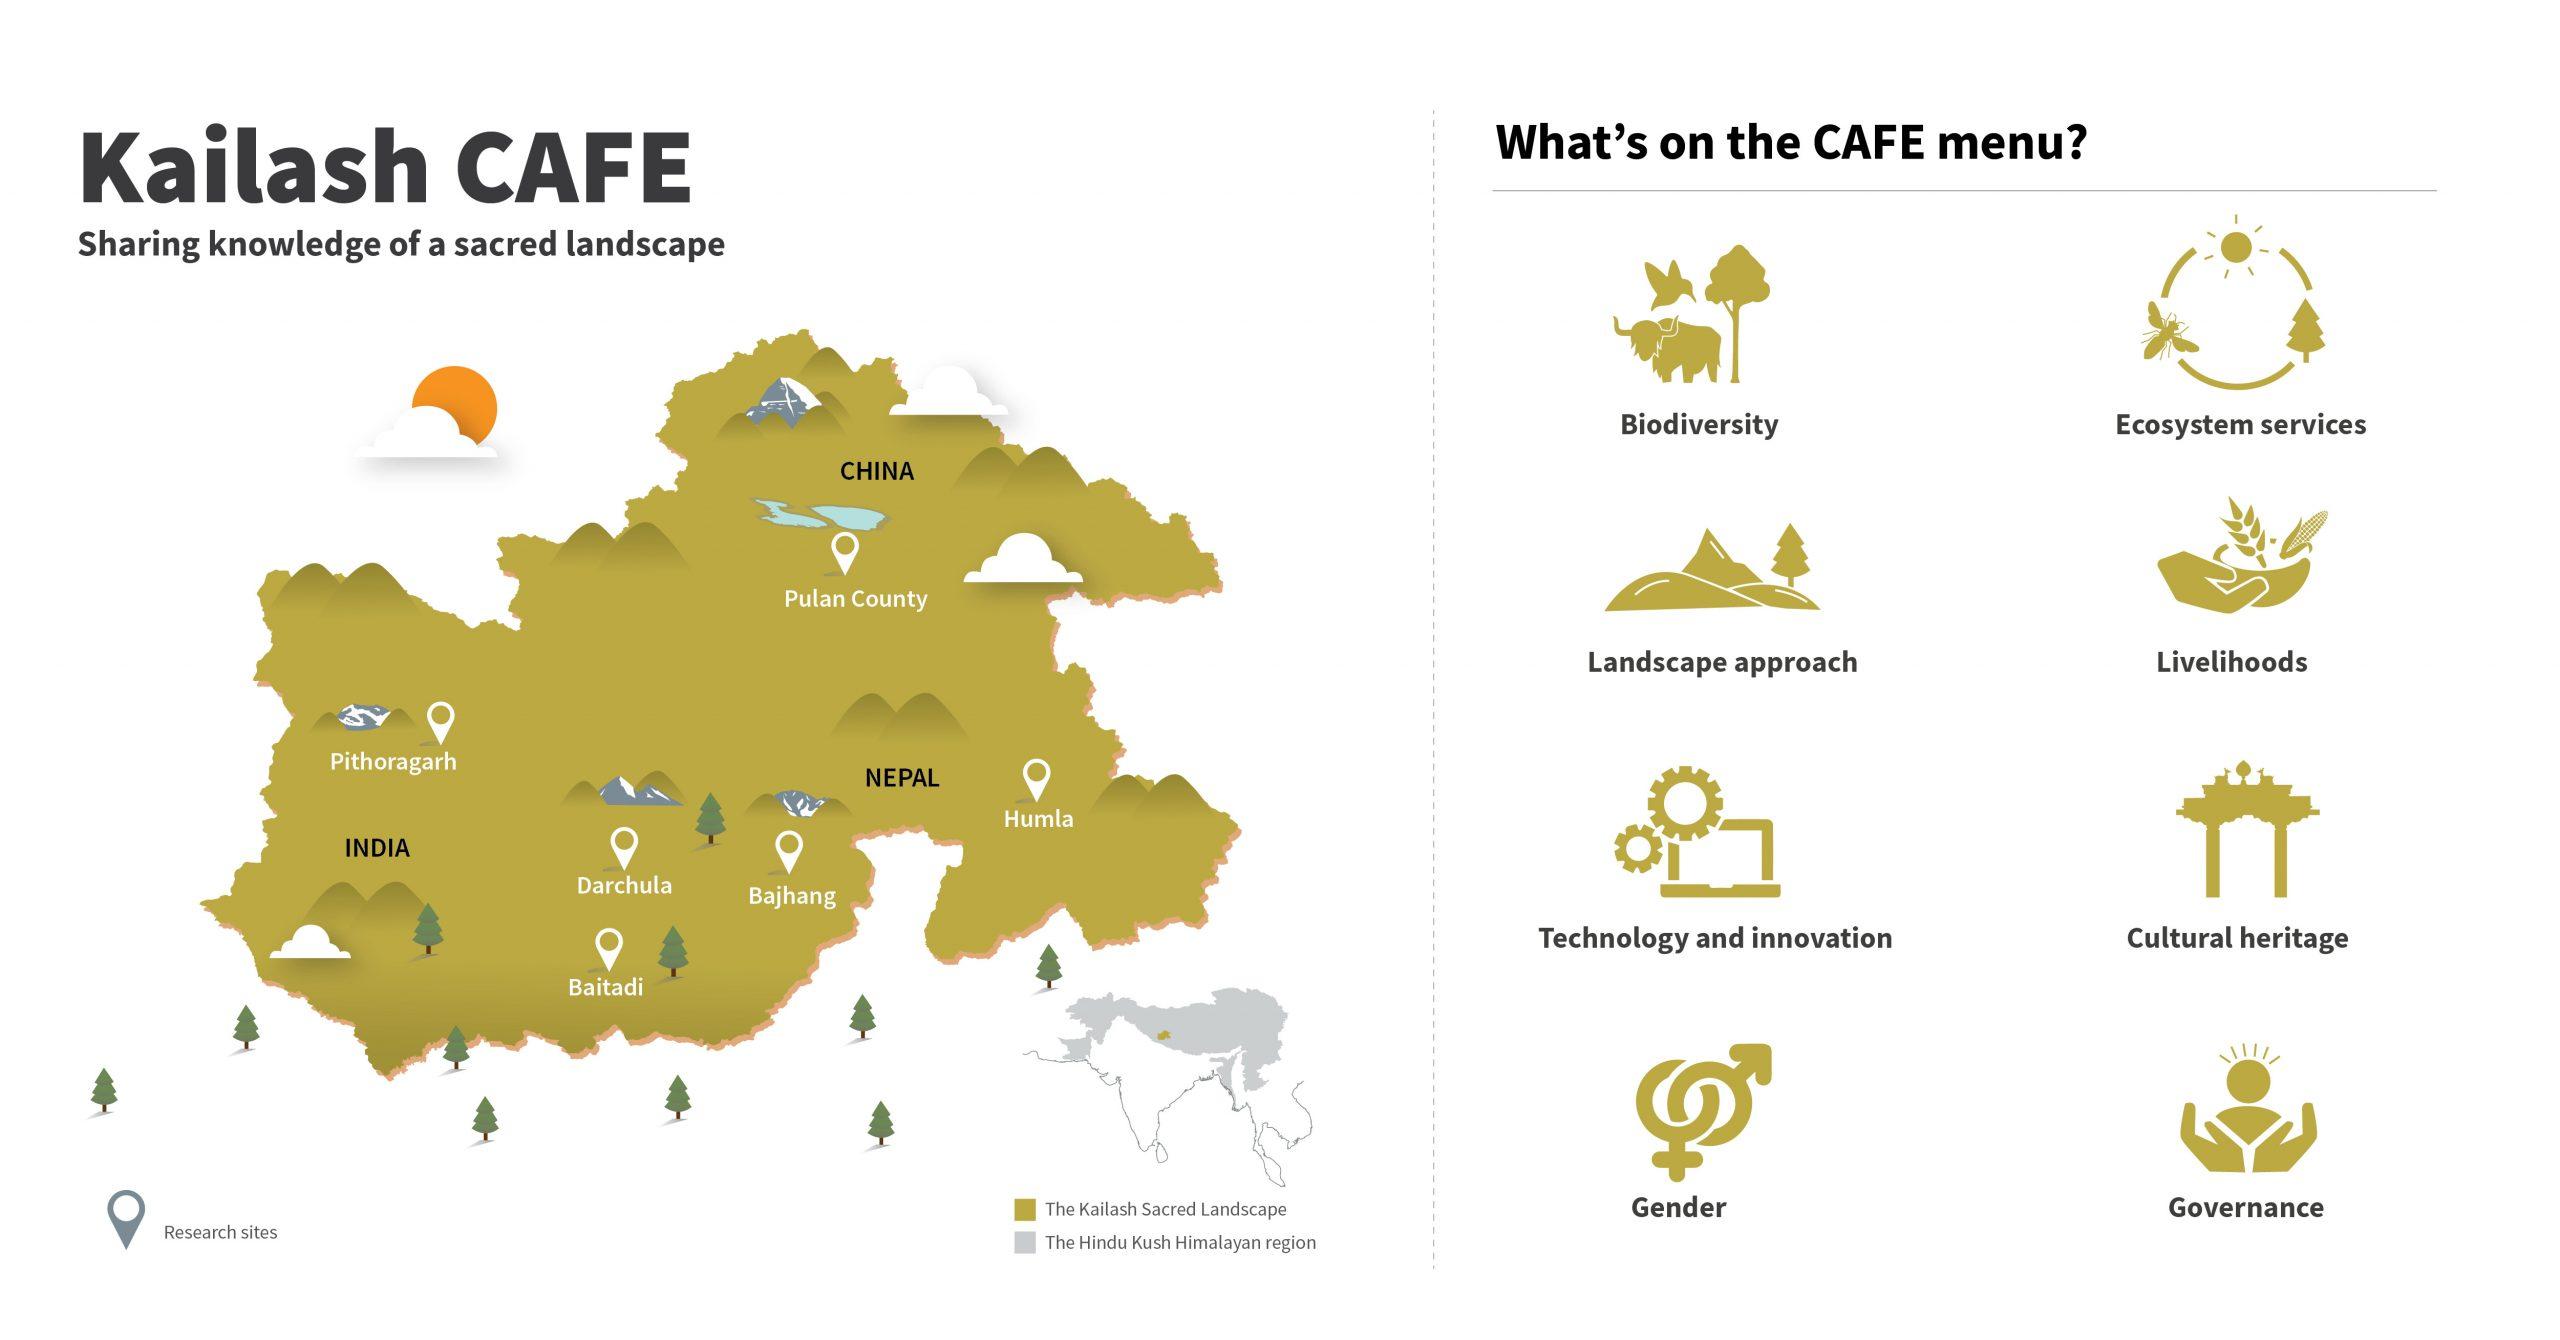 Kailash CAFE